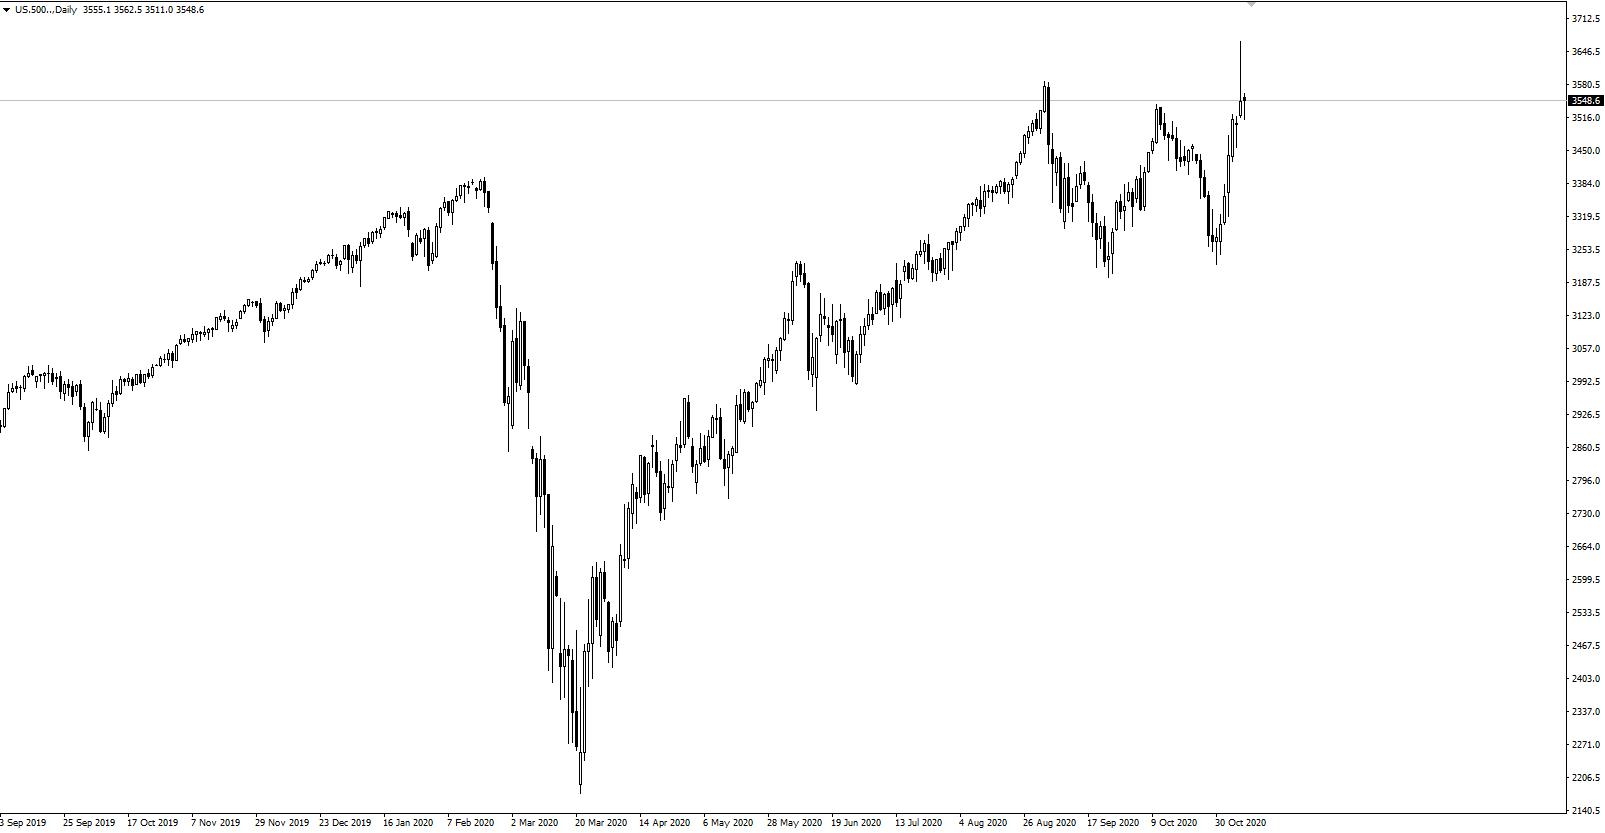 Indeks S&P